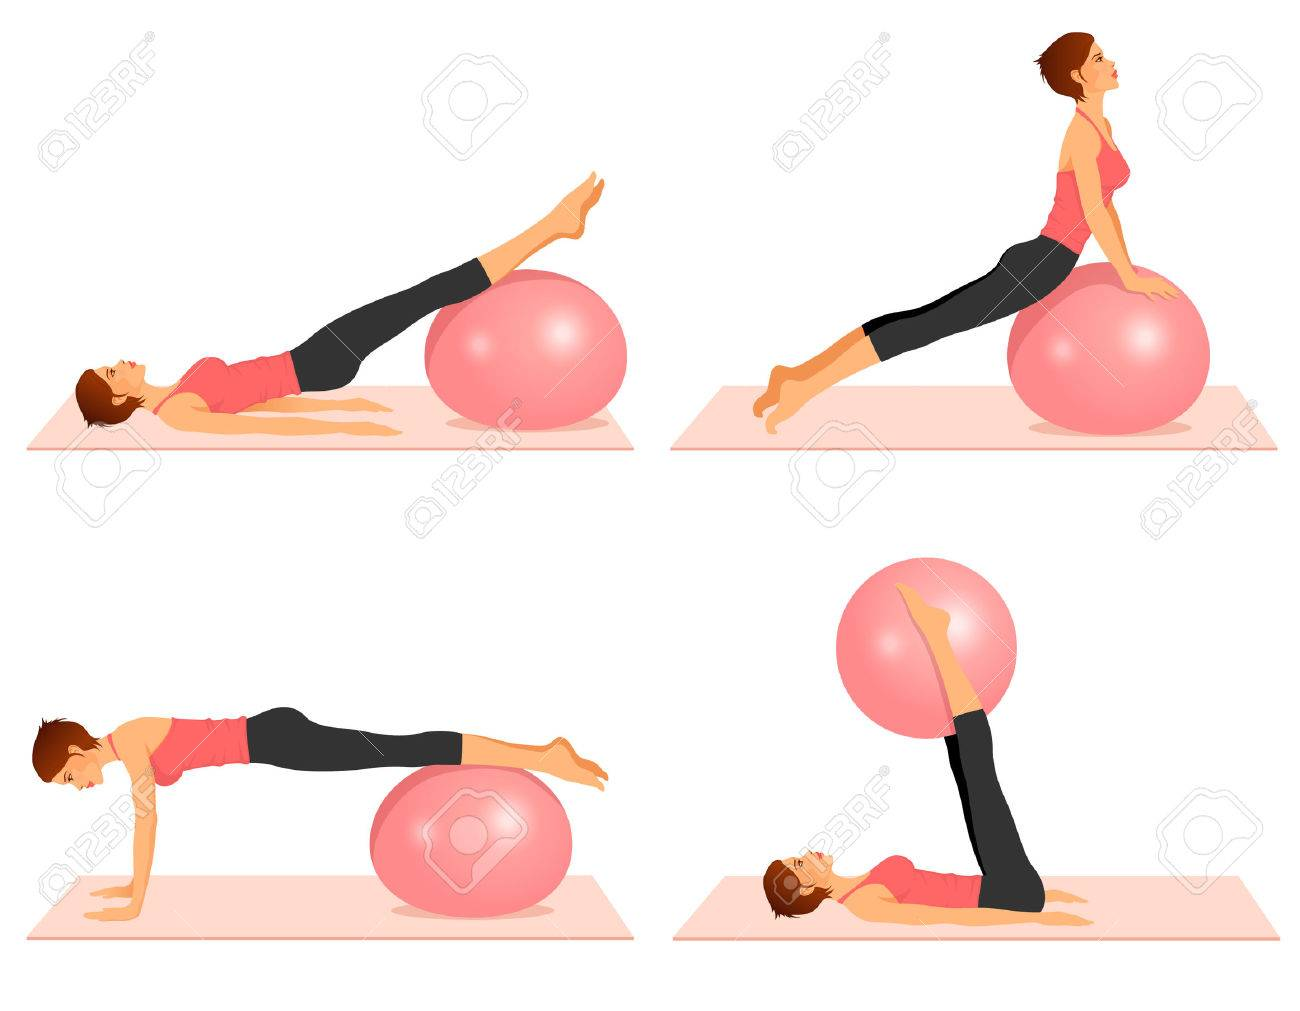 Très bien Extreme Série D'illustrations Montrant Les Exercices De Pilates Avec  BL16